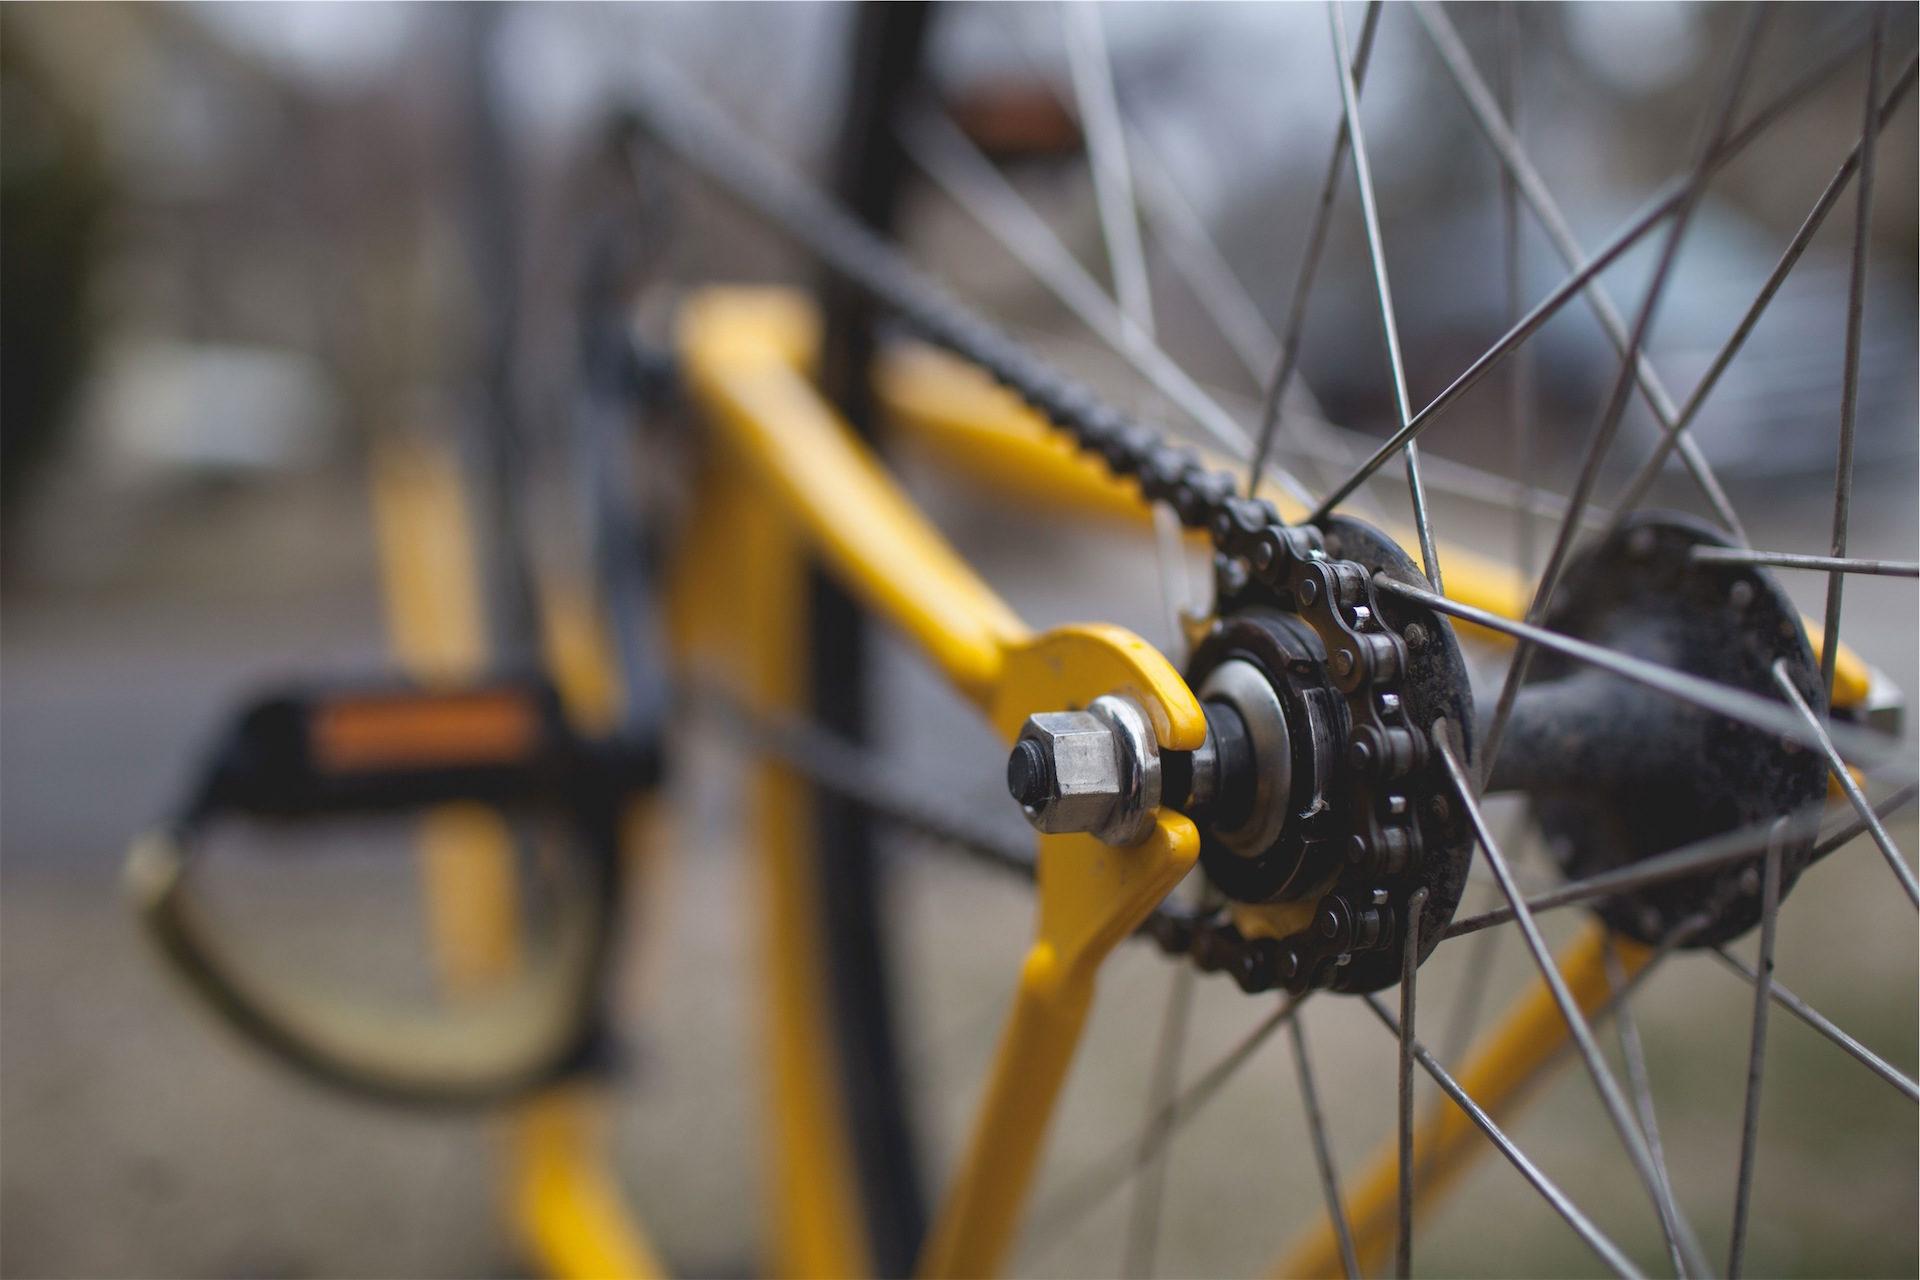 自転車, rueda, チェーン, pedal, 黄色 - HD の壁紙 - 教授-falken.com